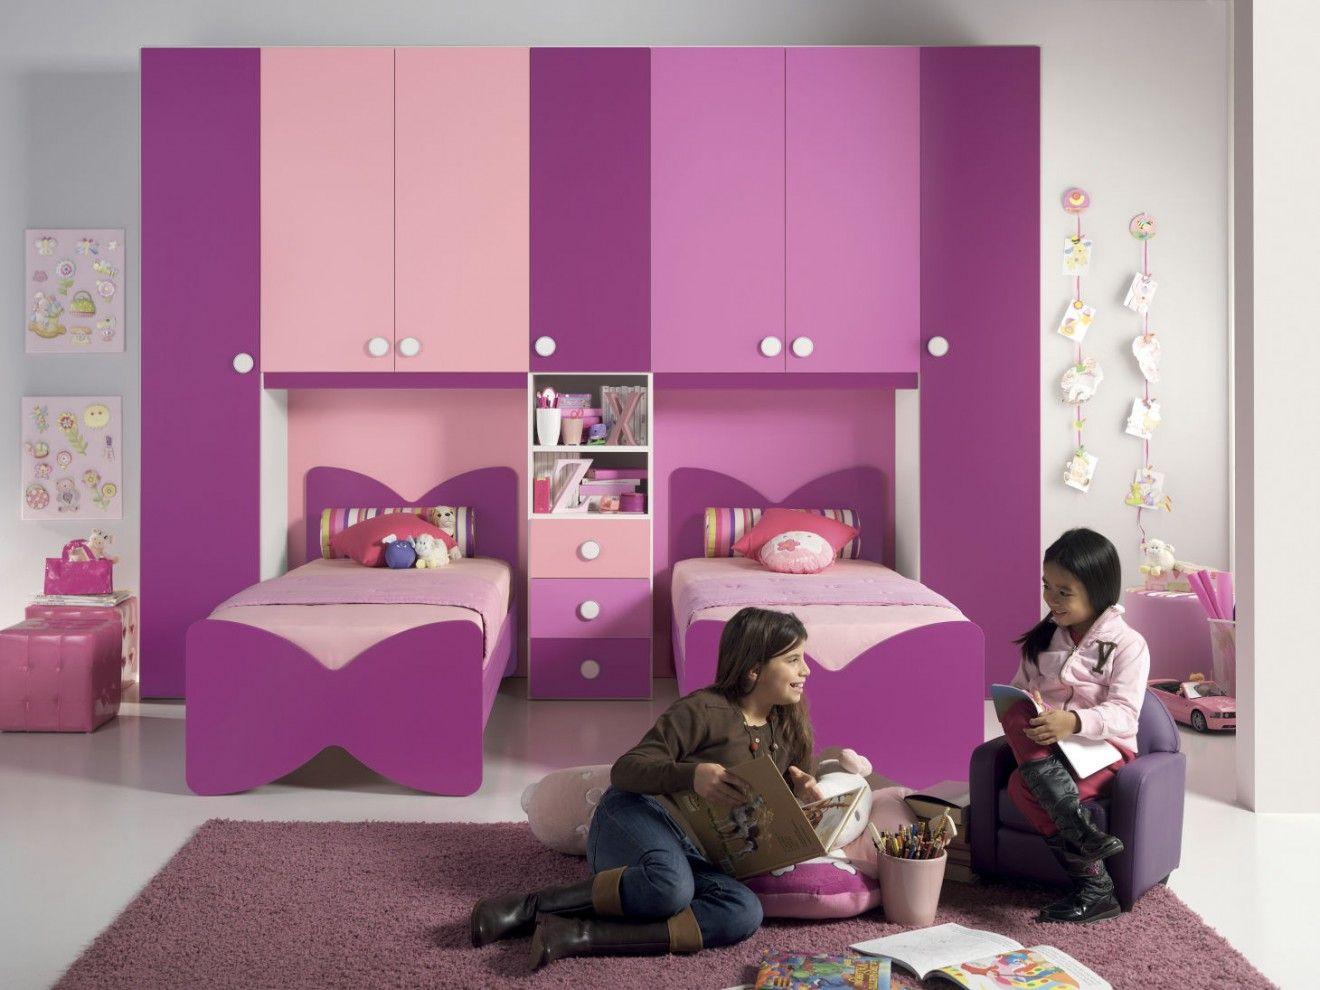 Design camerette ~ Cameretta a ponte barbara #camerette #bedroom #design #furnishing